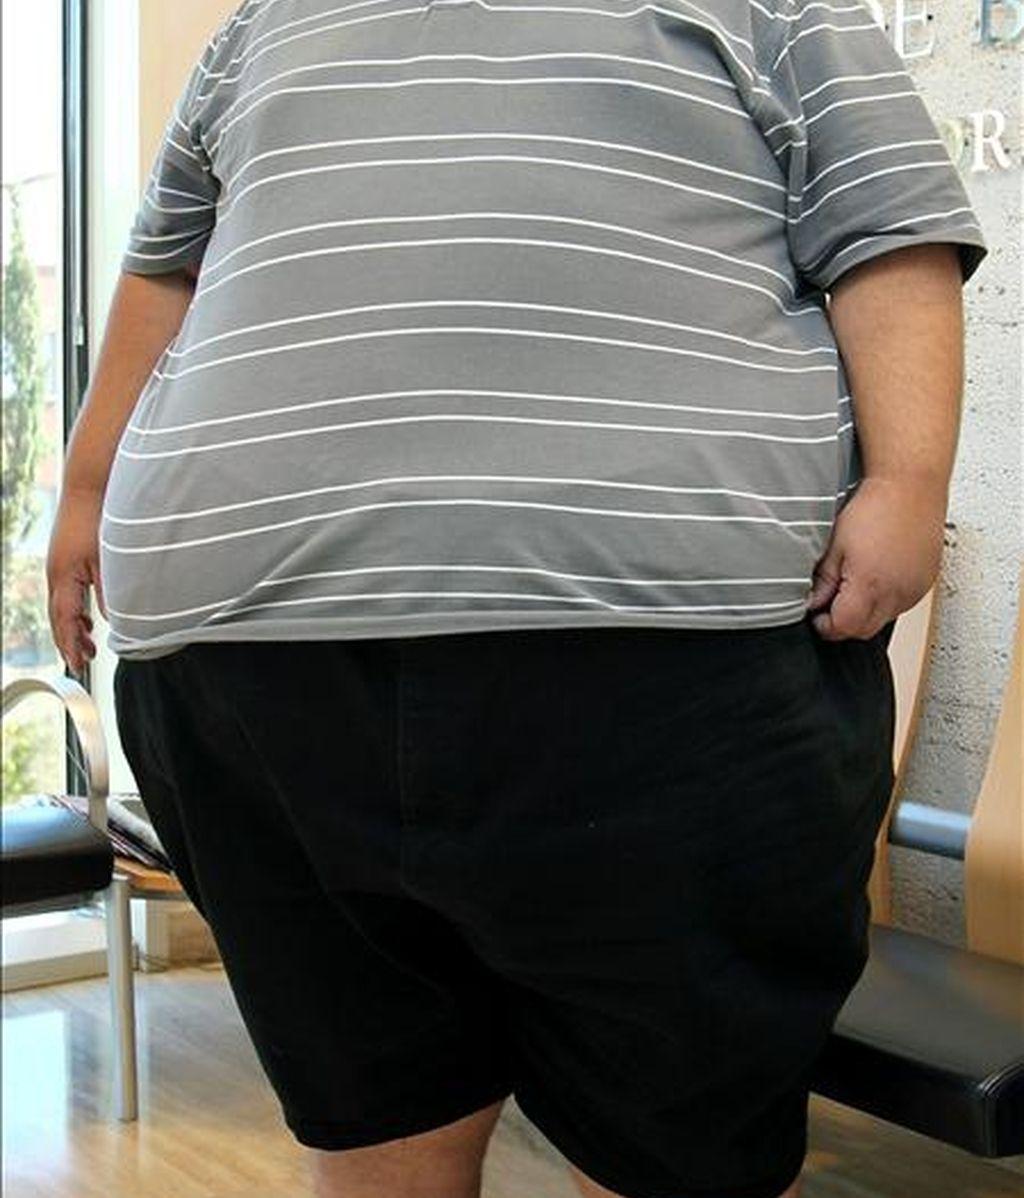 El problema del sobrepeso afecta más a los hombres (un 62,8 por ciento está por encima del peso normal) que a las mujeres (44,6 por ciento), según pone de relieve la Encuesta Europea de Salud, con los datos definitivos correspondientes al año 2009, que hoy ha hecho pública el Instituto Nacional de Estadística. EFE/Archivo